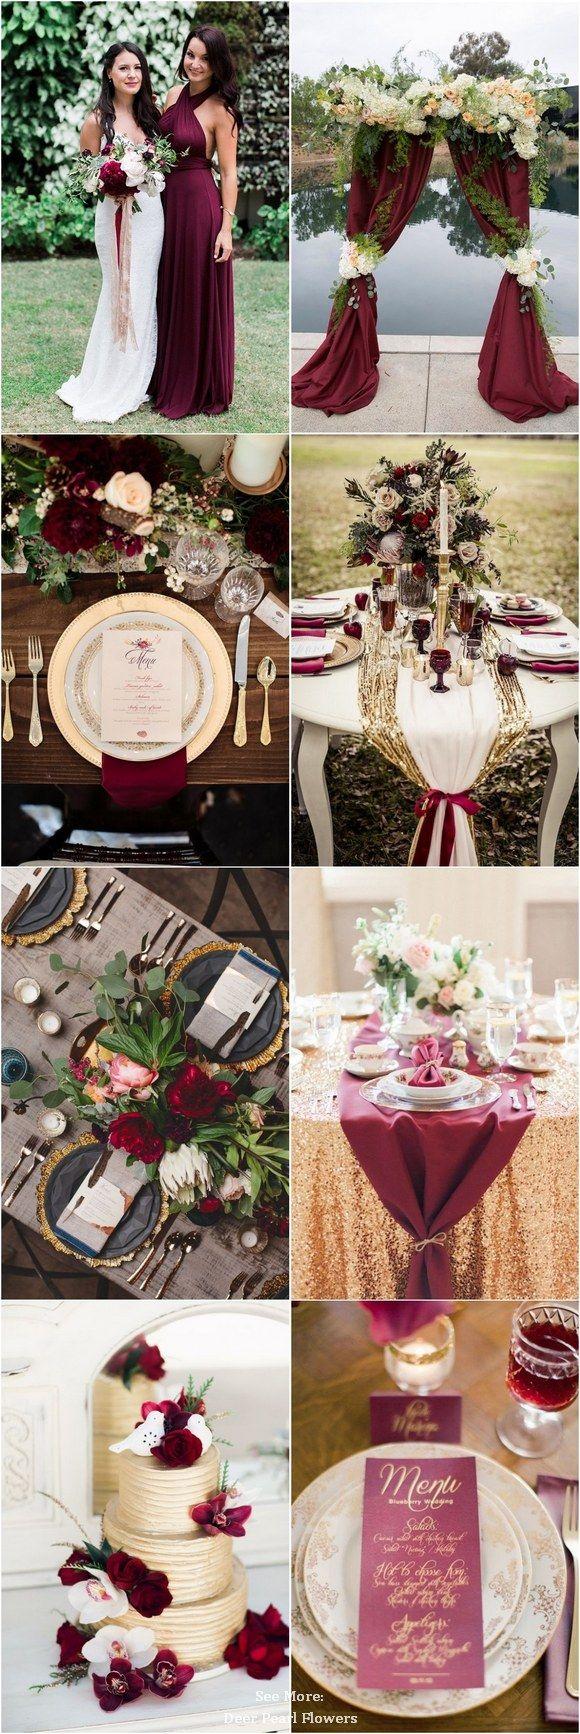 Elegant fall burgundy and gold wedding ideas